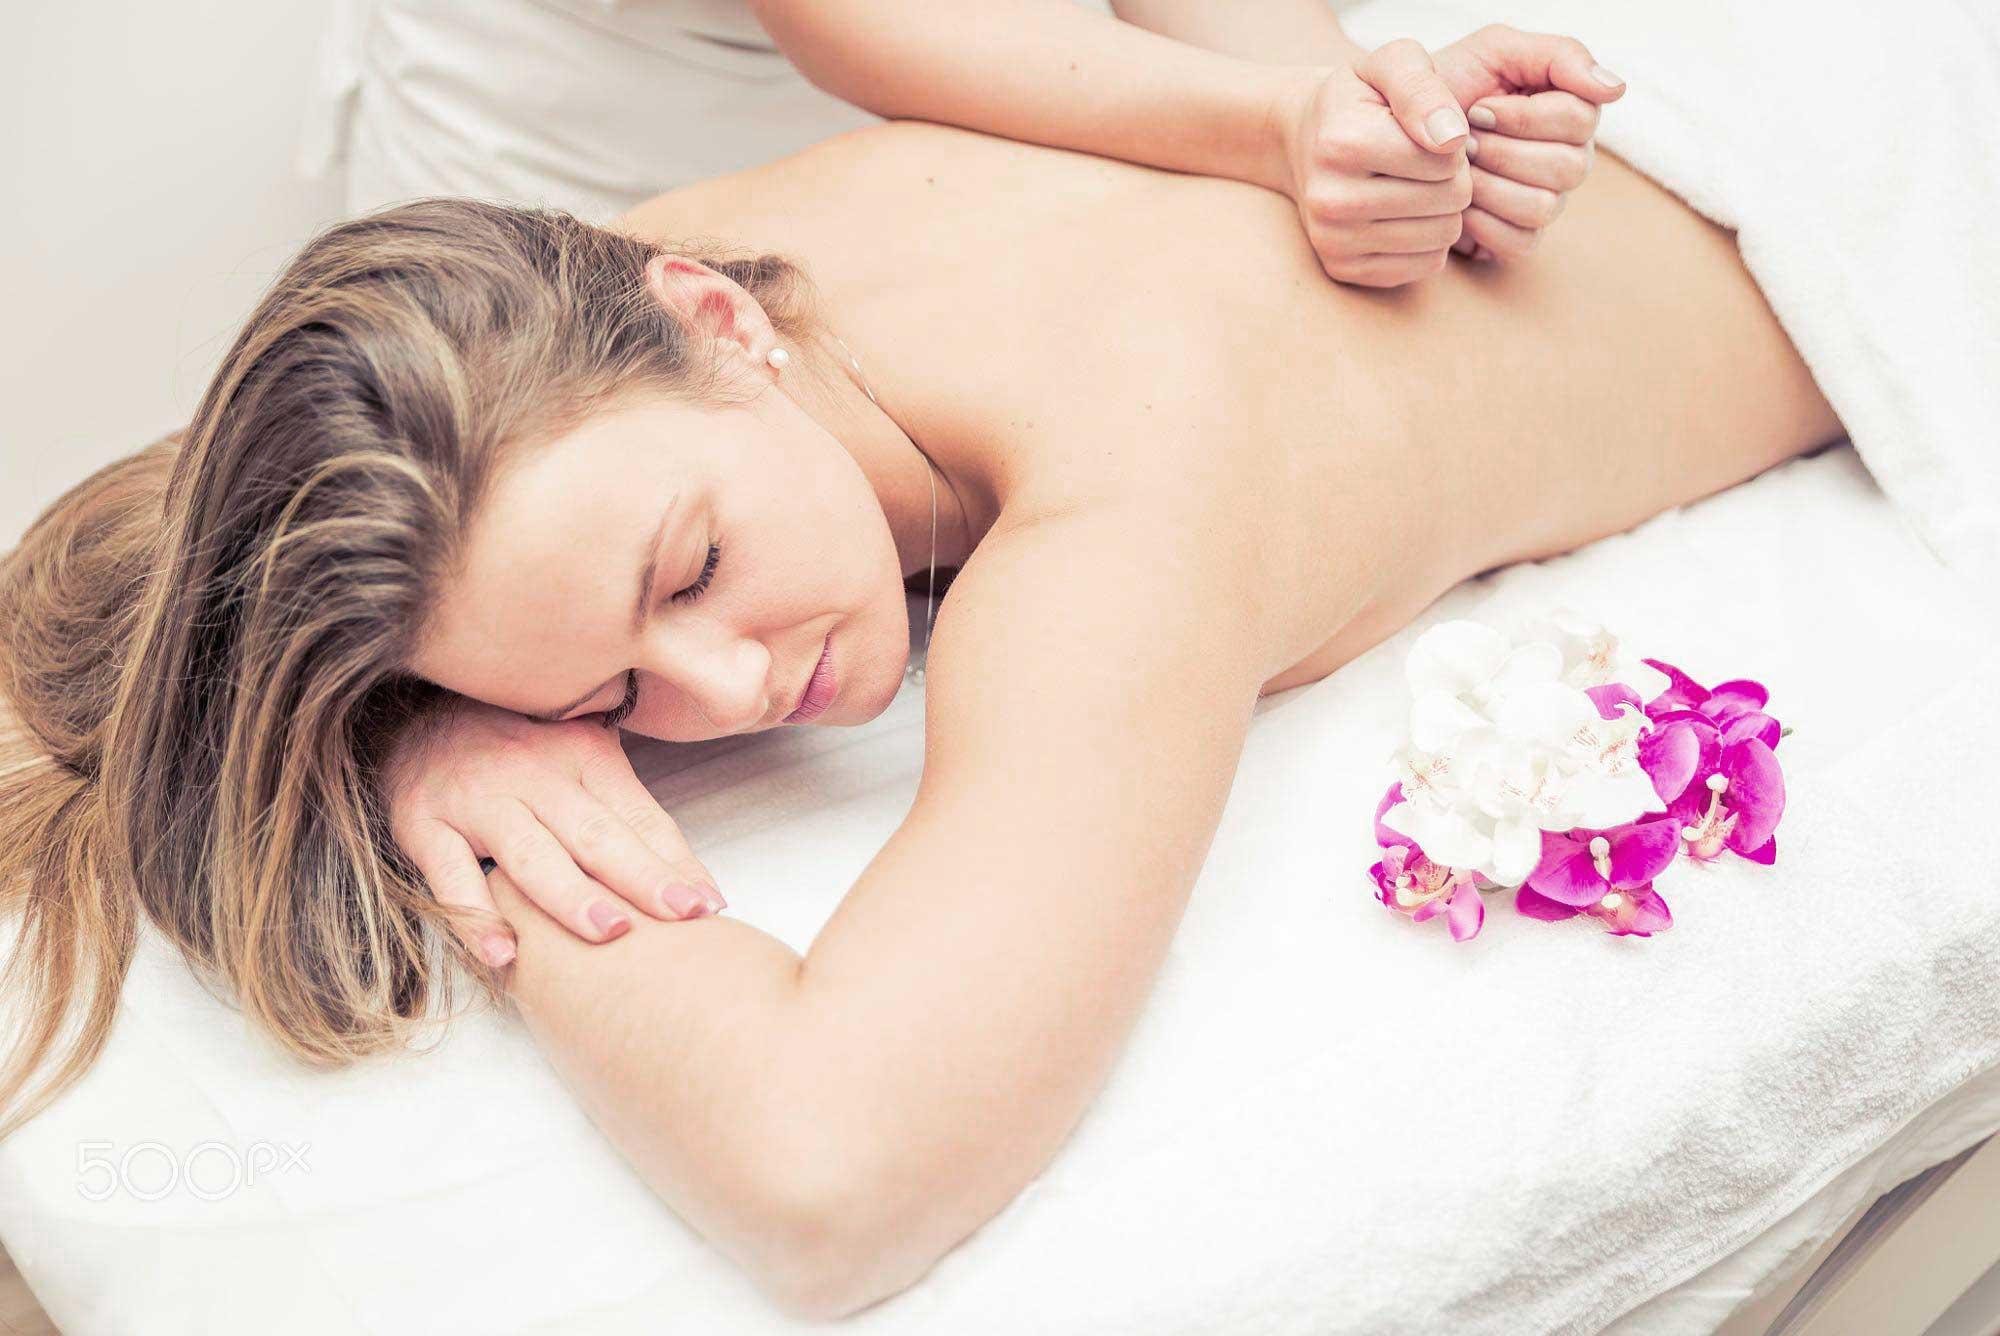 CorpoCare Ontspanning Massage